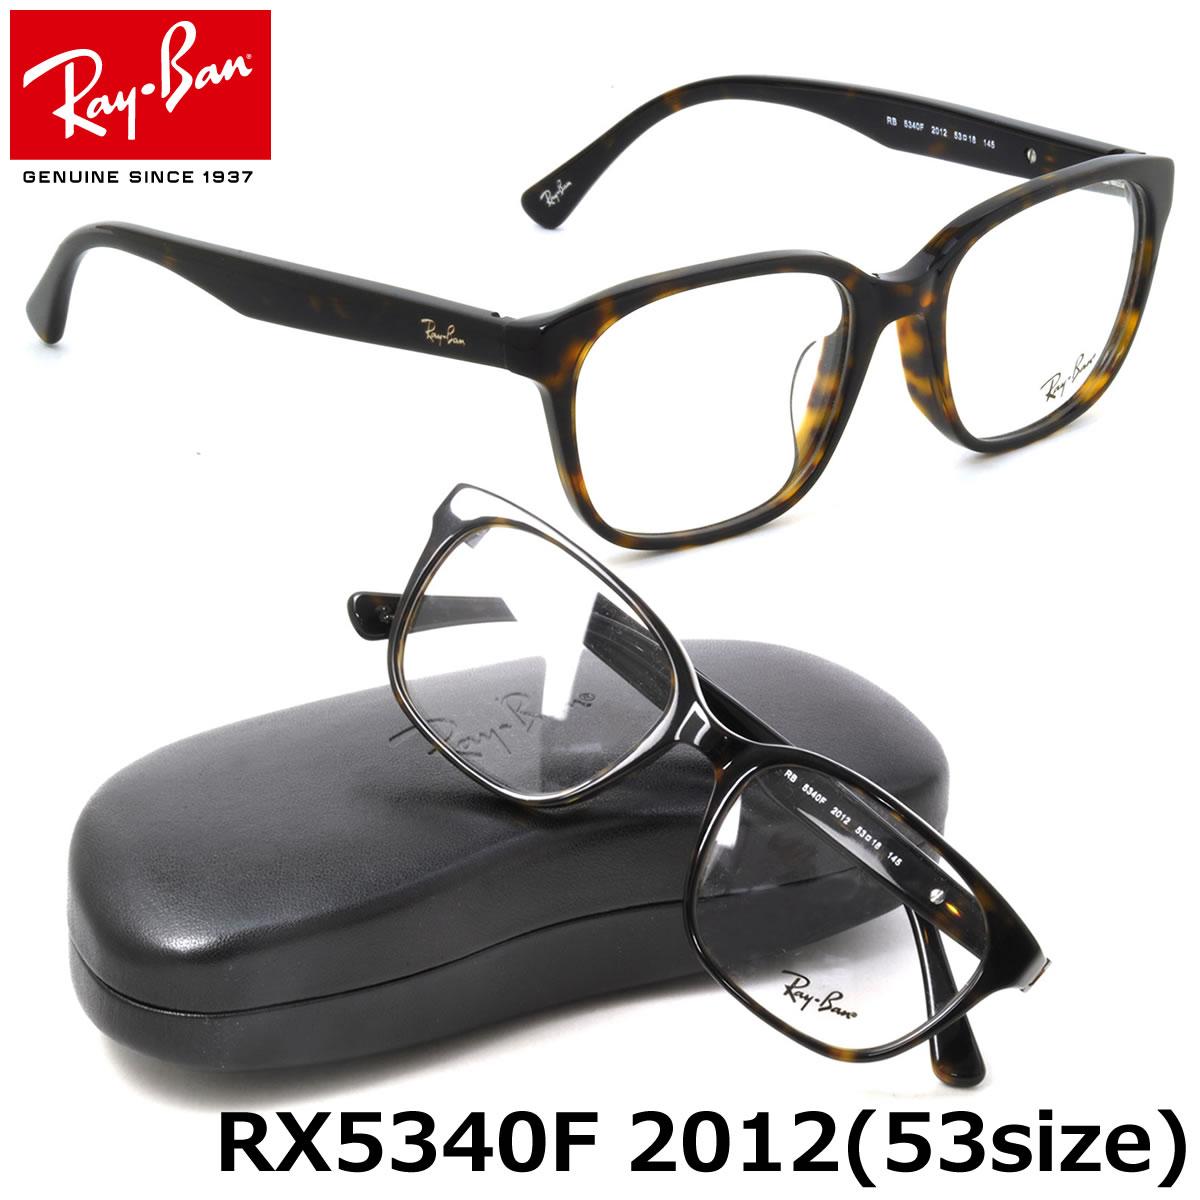 【10月30日からエントリーで全品ポイント20倍】レイバン メガネ フレーム Ray-Ban RX5340F 2012 53サイズ スクエア バネ蝶番 バネ丁番 フルフィッティング レイバン RAYBAN メンズ レディース